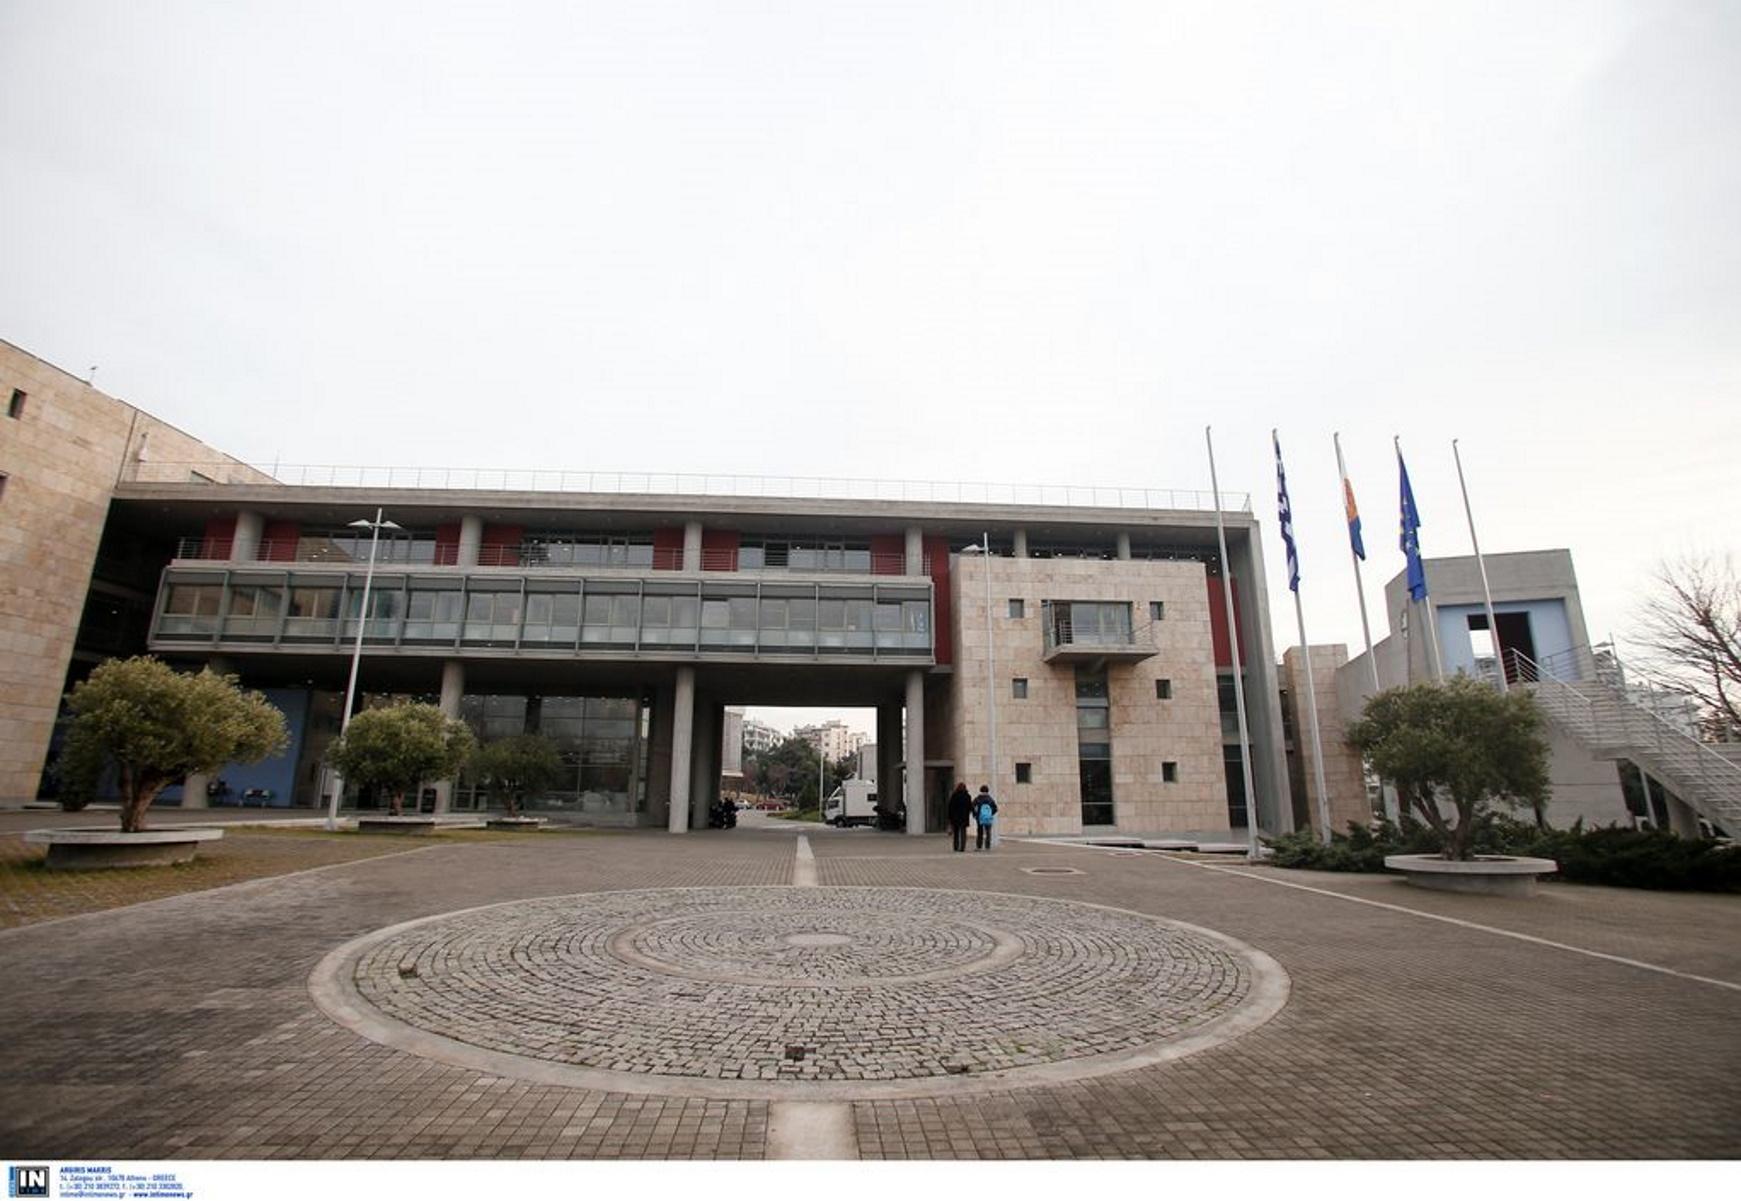 Θεσσαλονίκη: Δύο νηπιαγωγεία «πάνε» Δημαρχείο – Χαρούμενες παιδικές φωνές